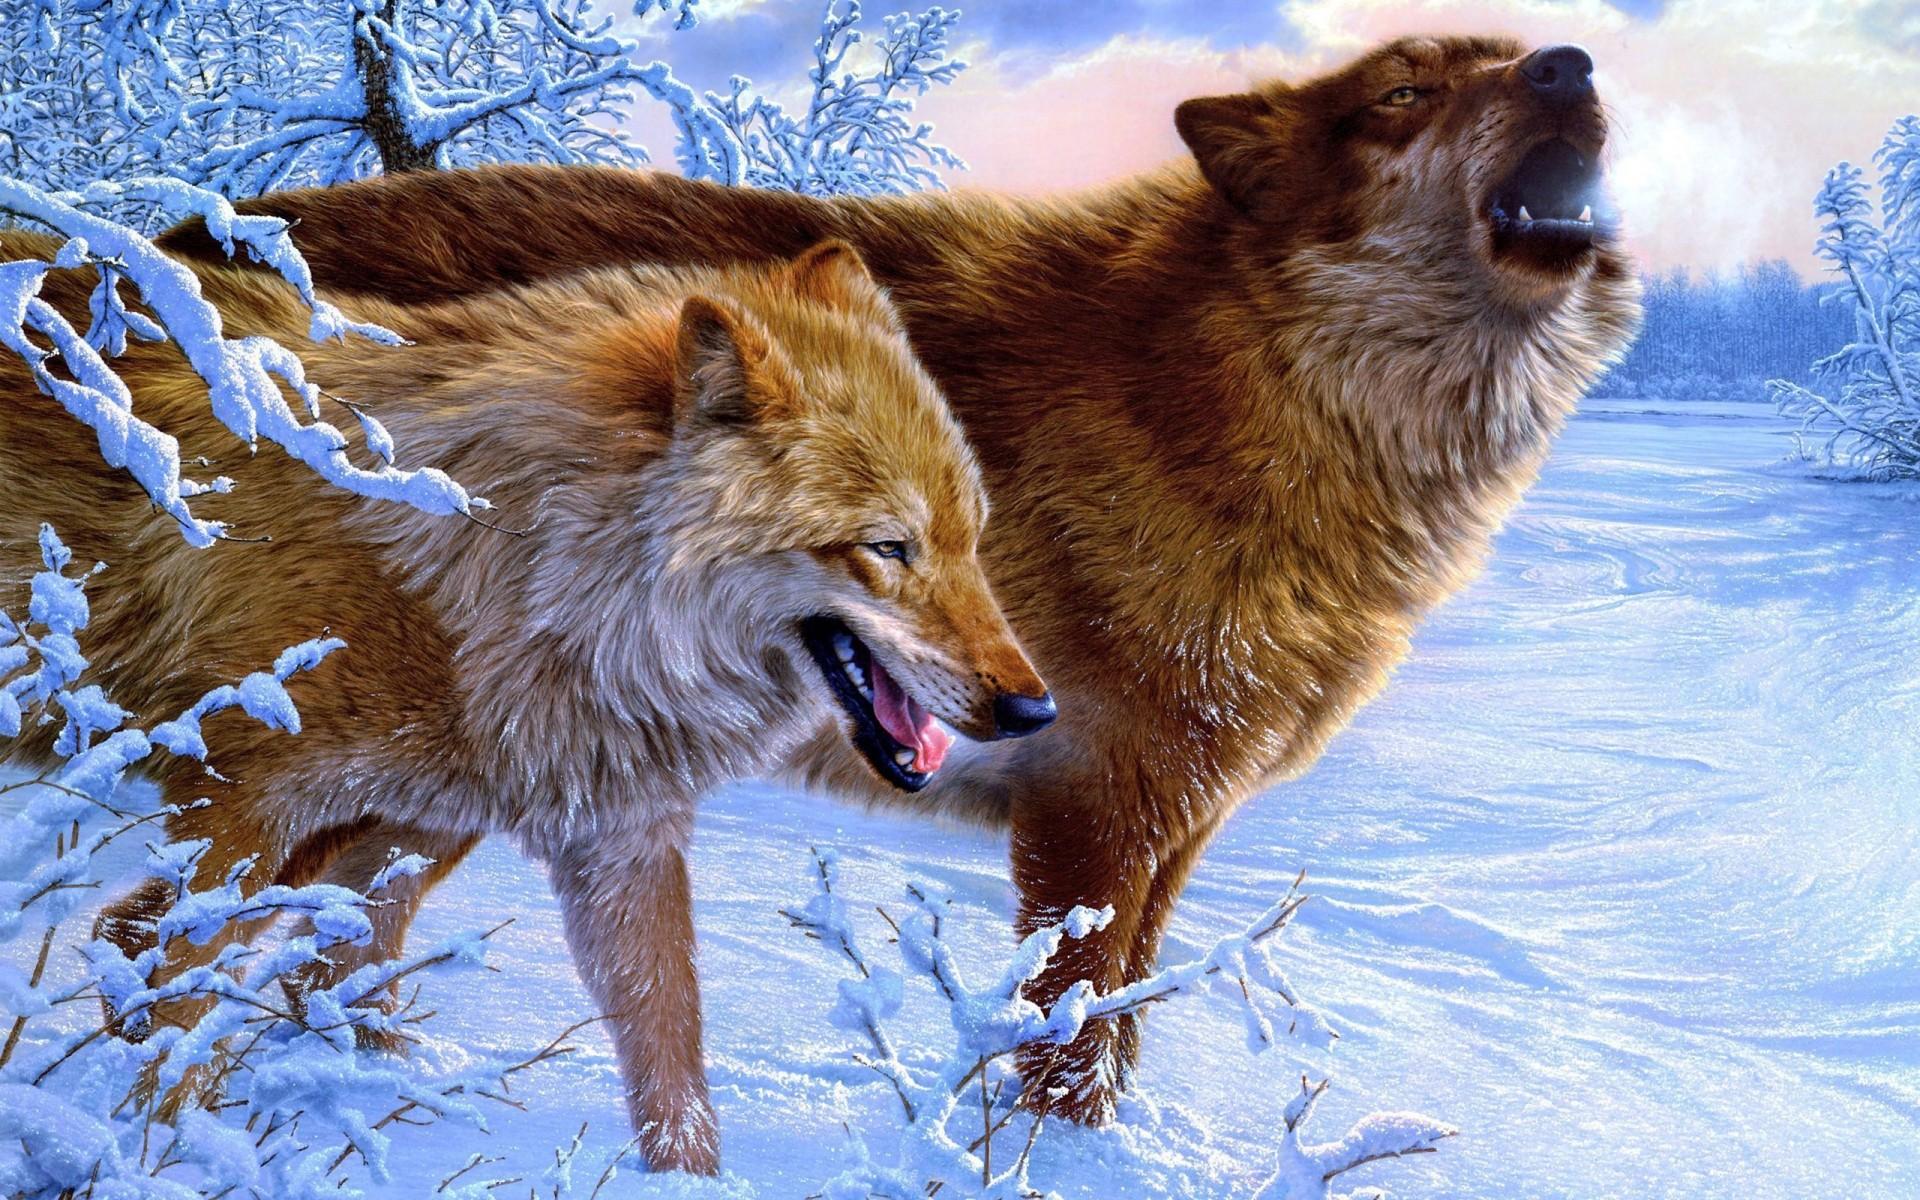 Фото волков в хорошем качестве на аву